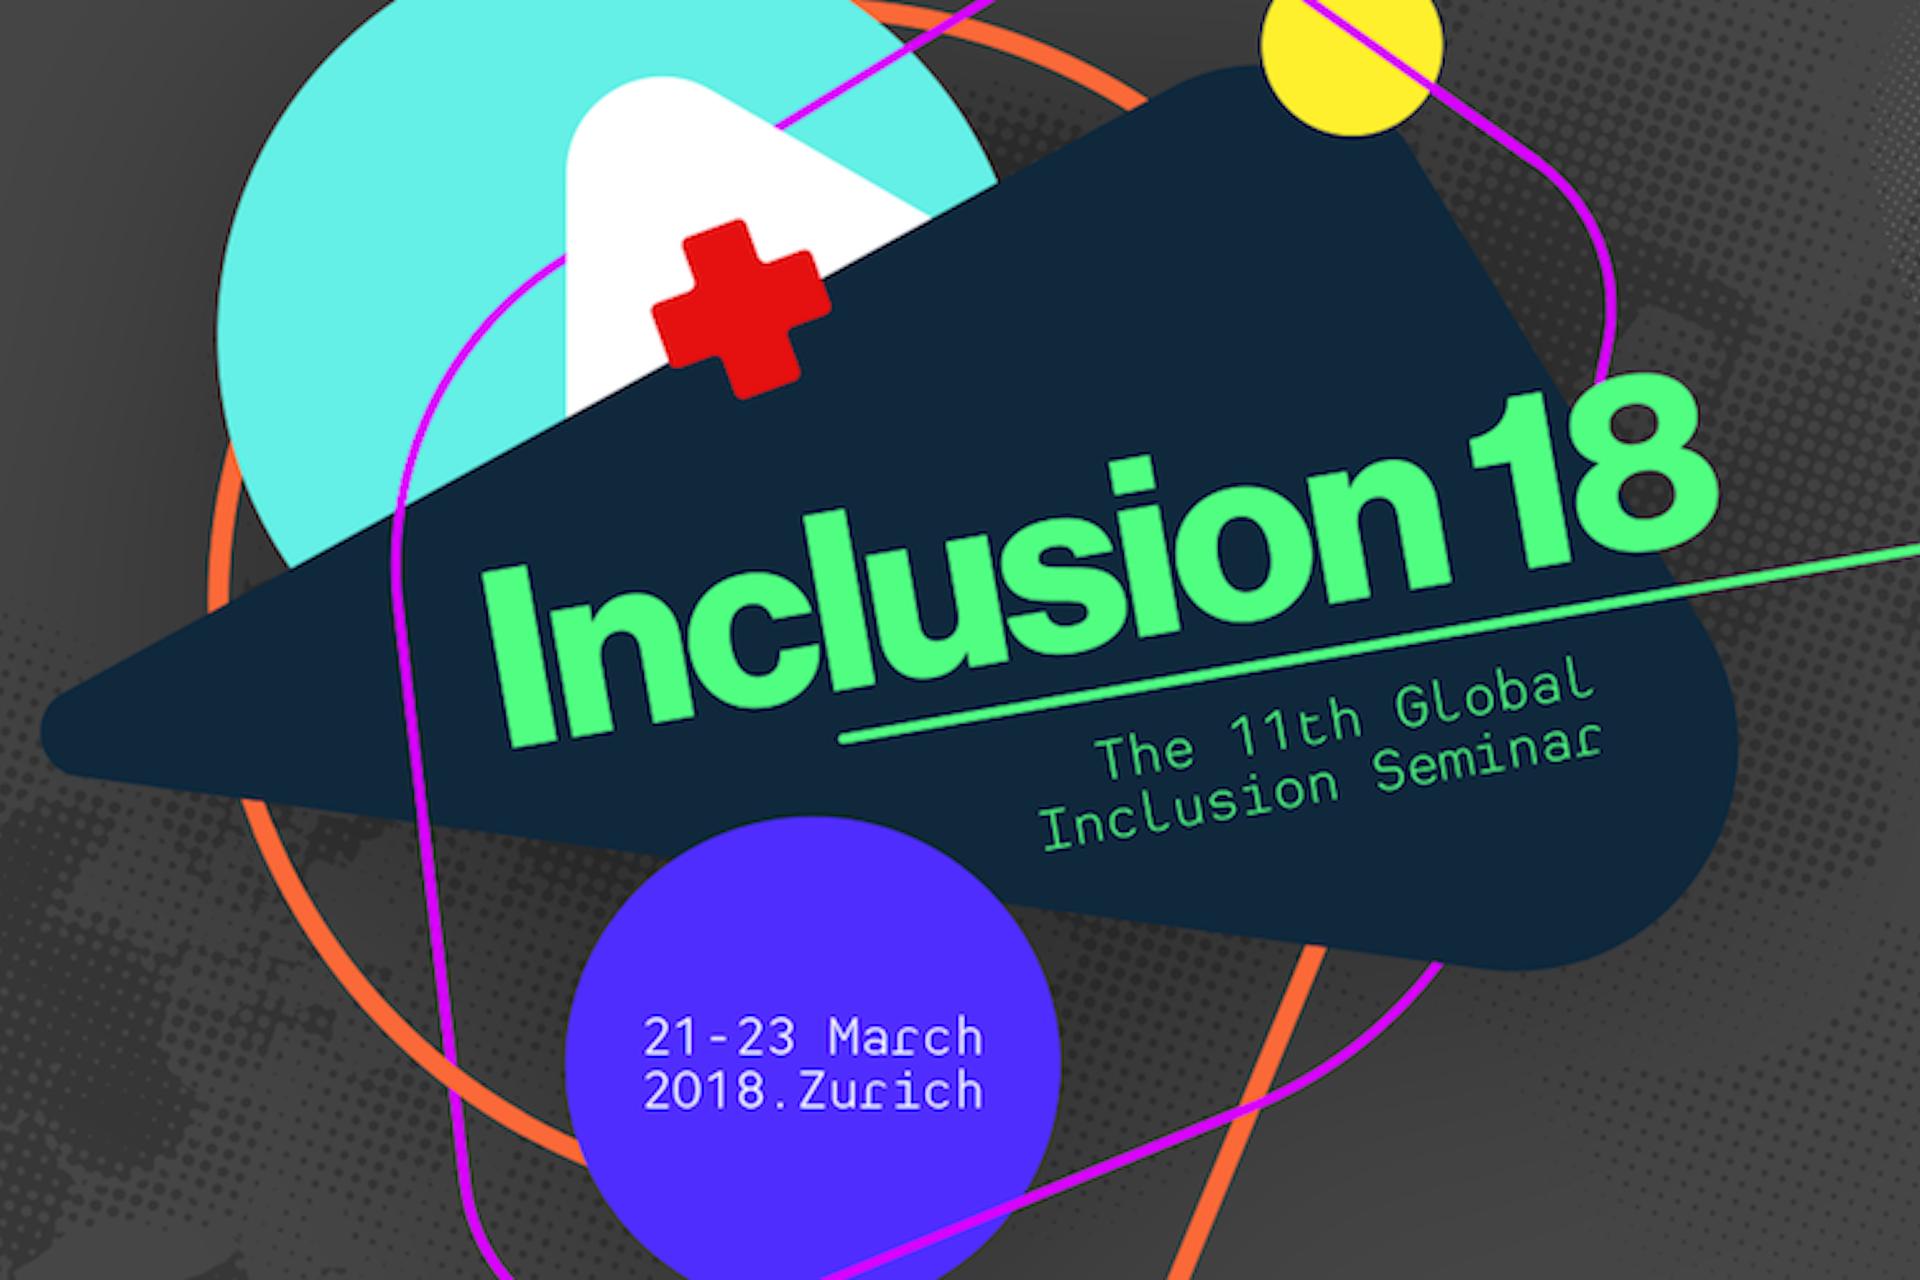 Inclusion2018